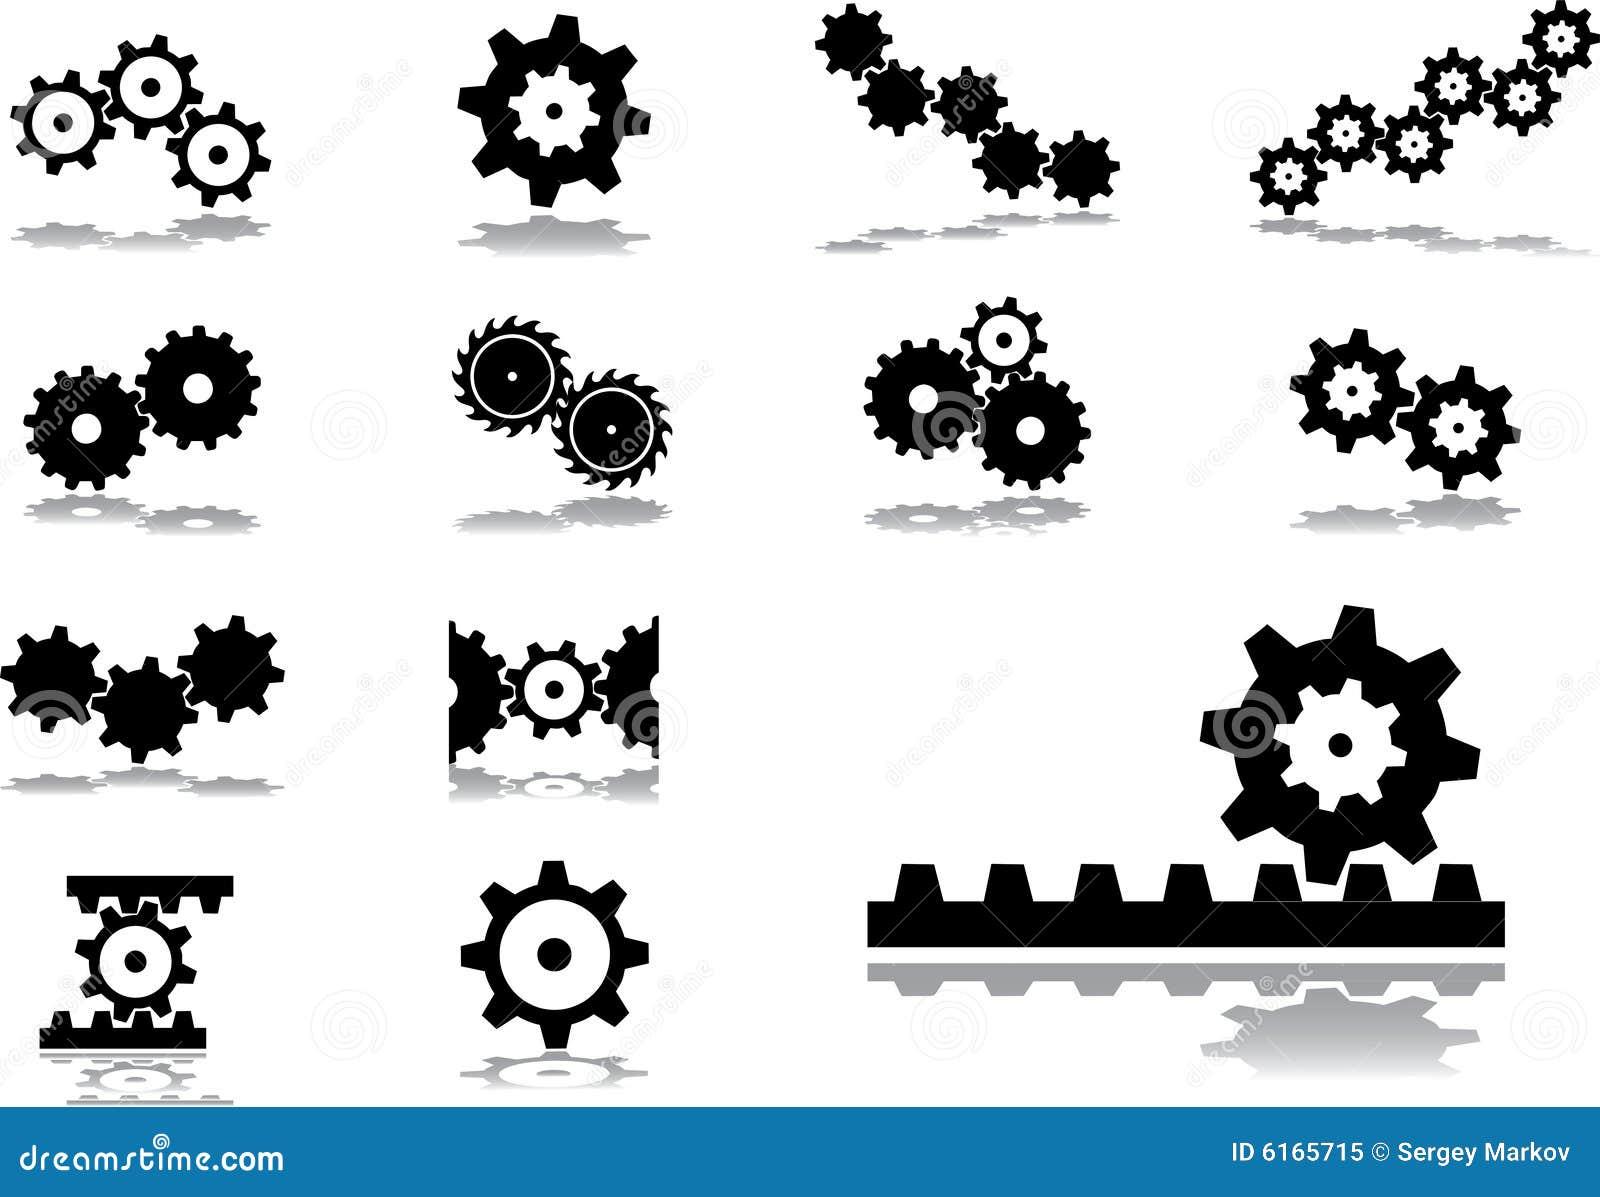 Vastgestelde pictogrammen - 51. Toestellen